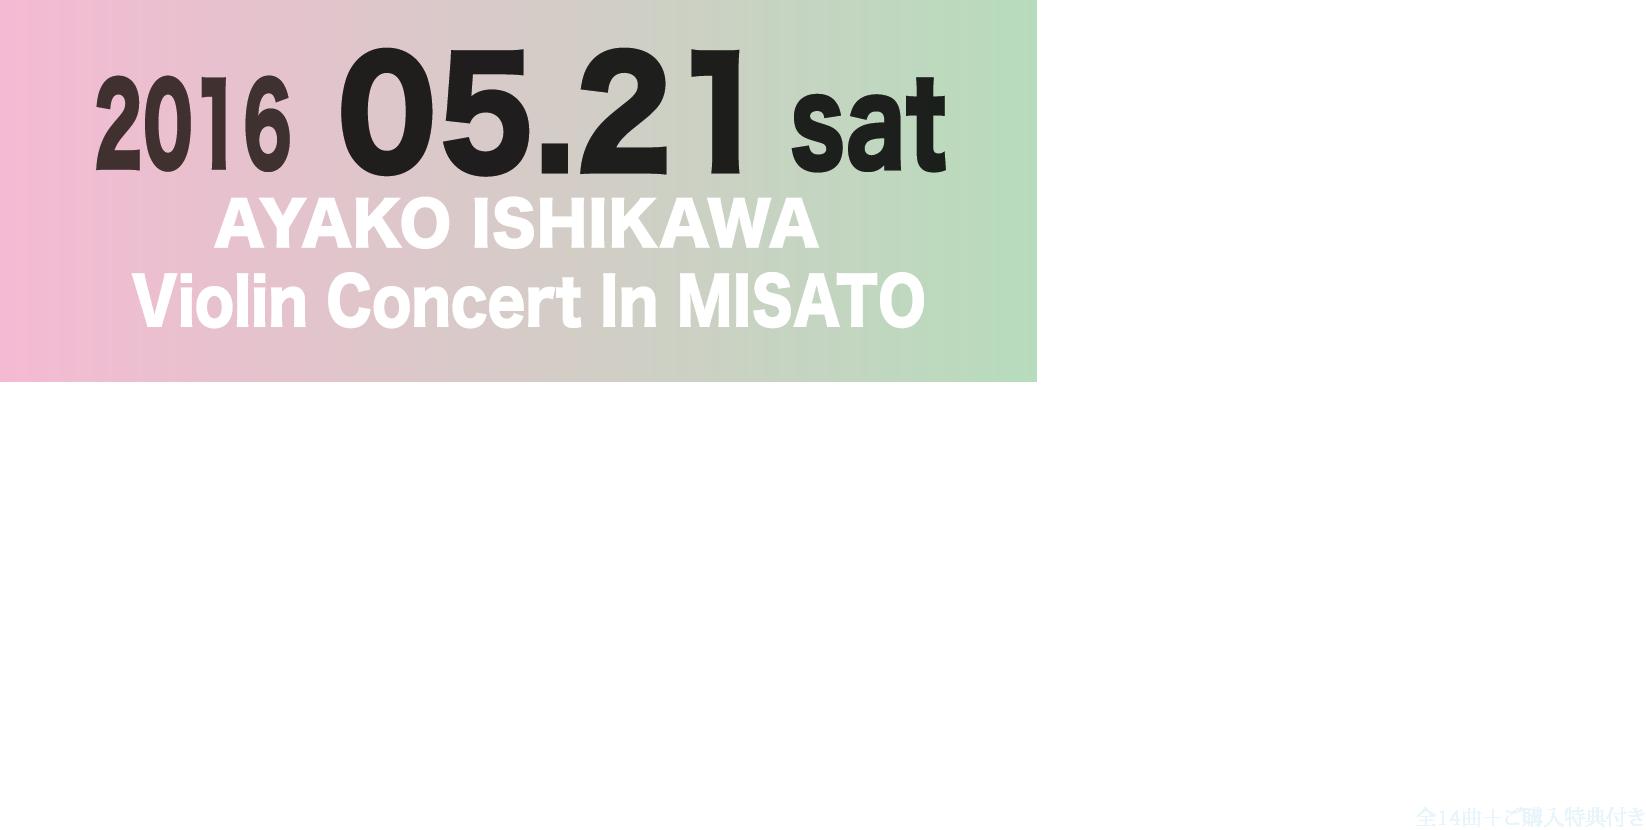 http://ayako-ishikawa.com/schedule/%E3%81%BF%E3%81%95%E3%81%A8.png